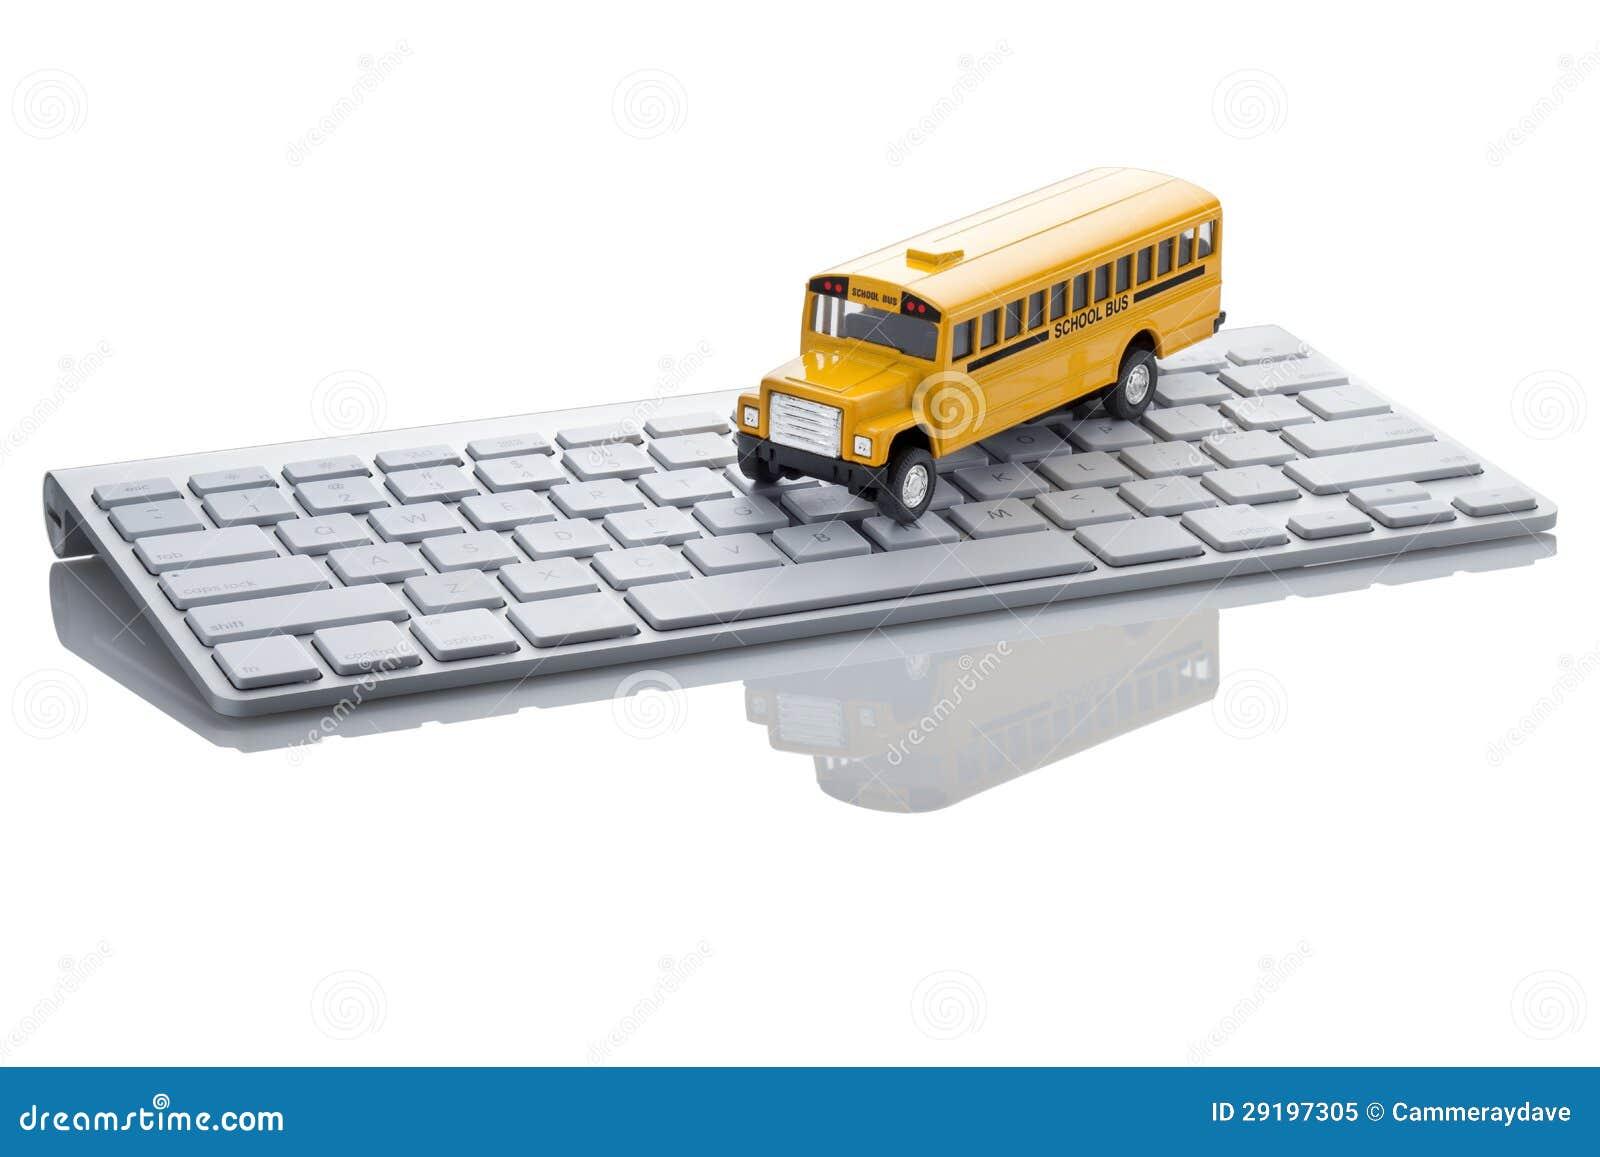 Σχολείο εκπαίδευσης τεχνολογίας υπολογιστών